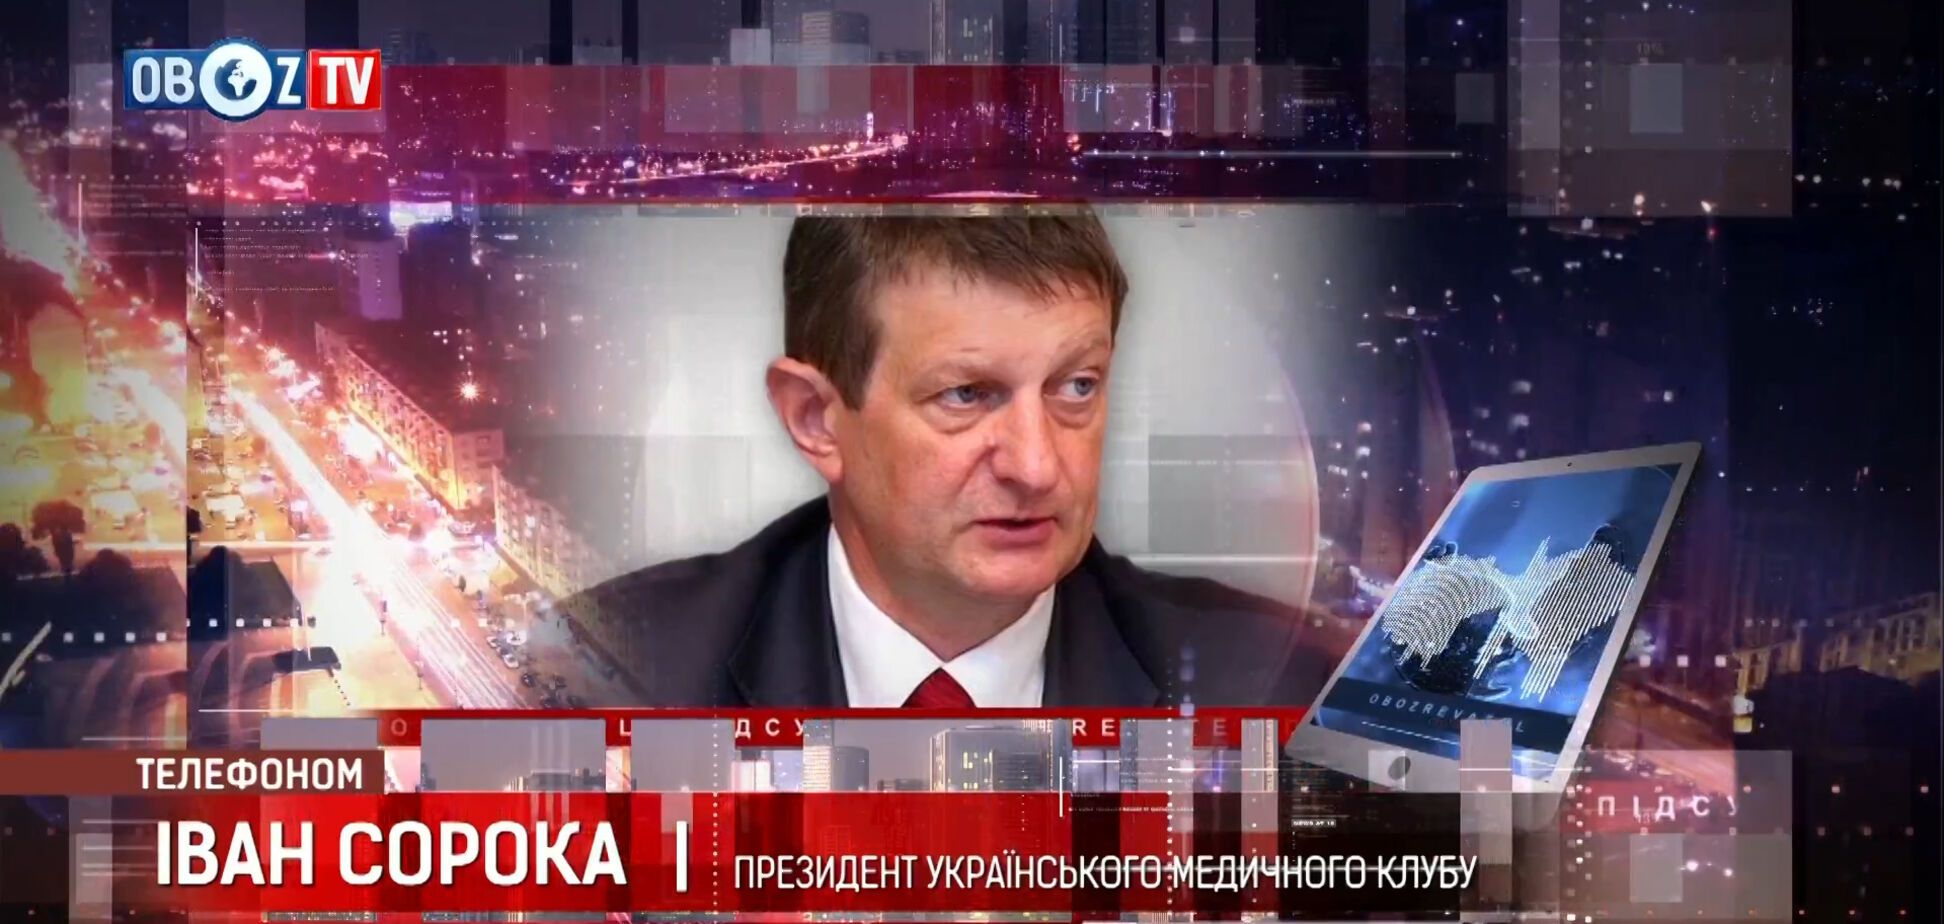 Коронавирус: врач объяснил, почему Украина не готова к эпидемии